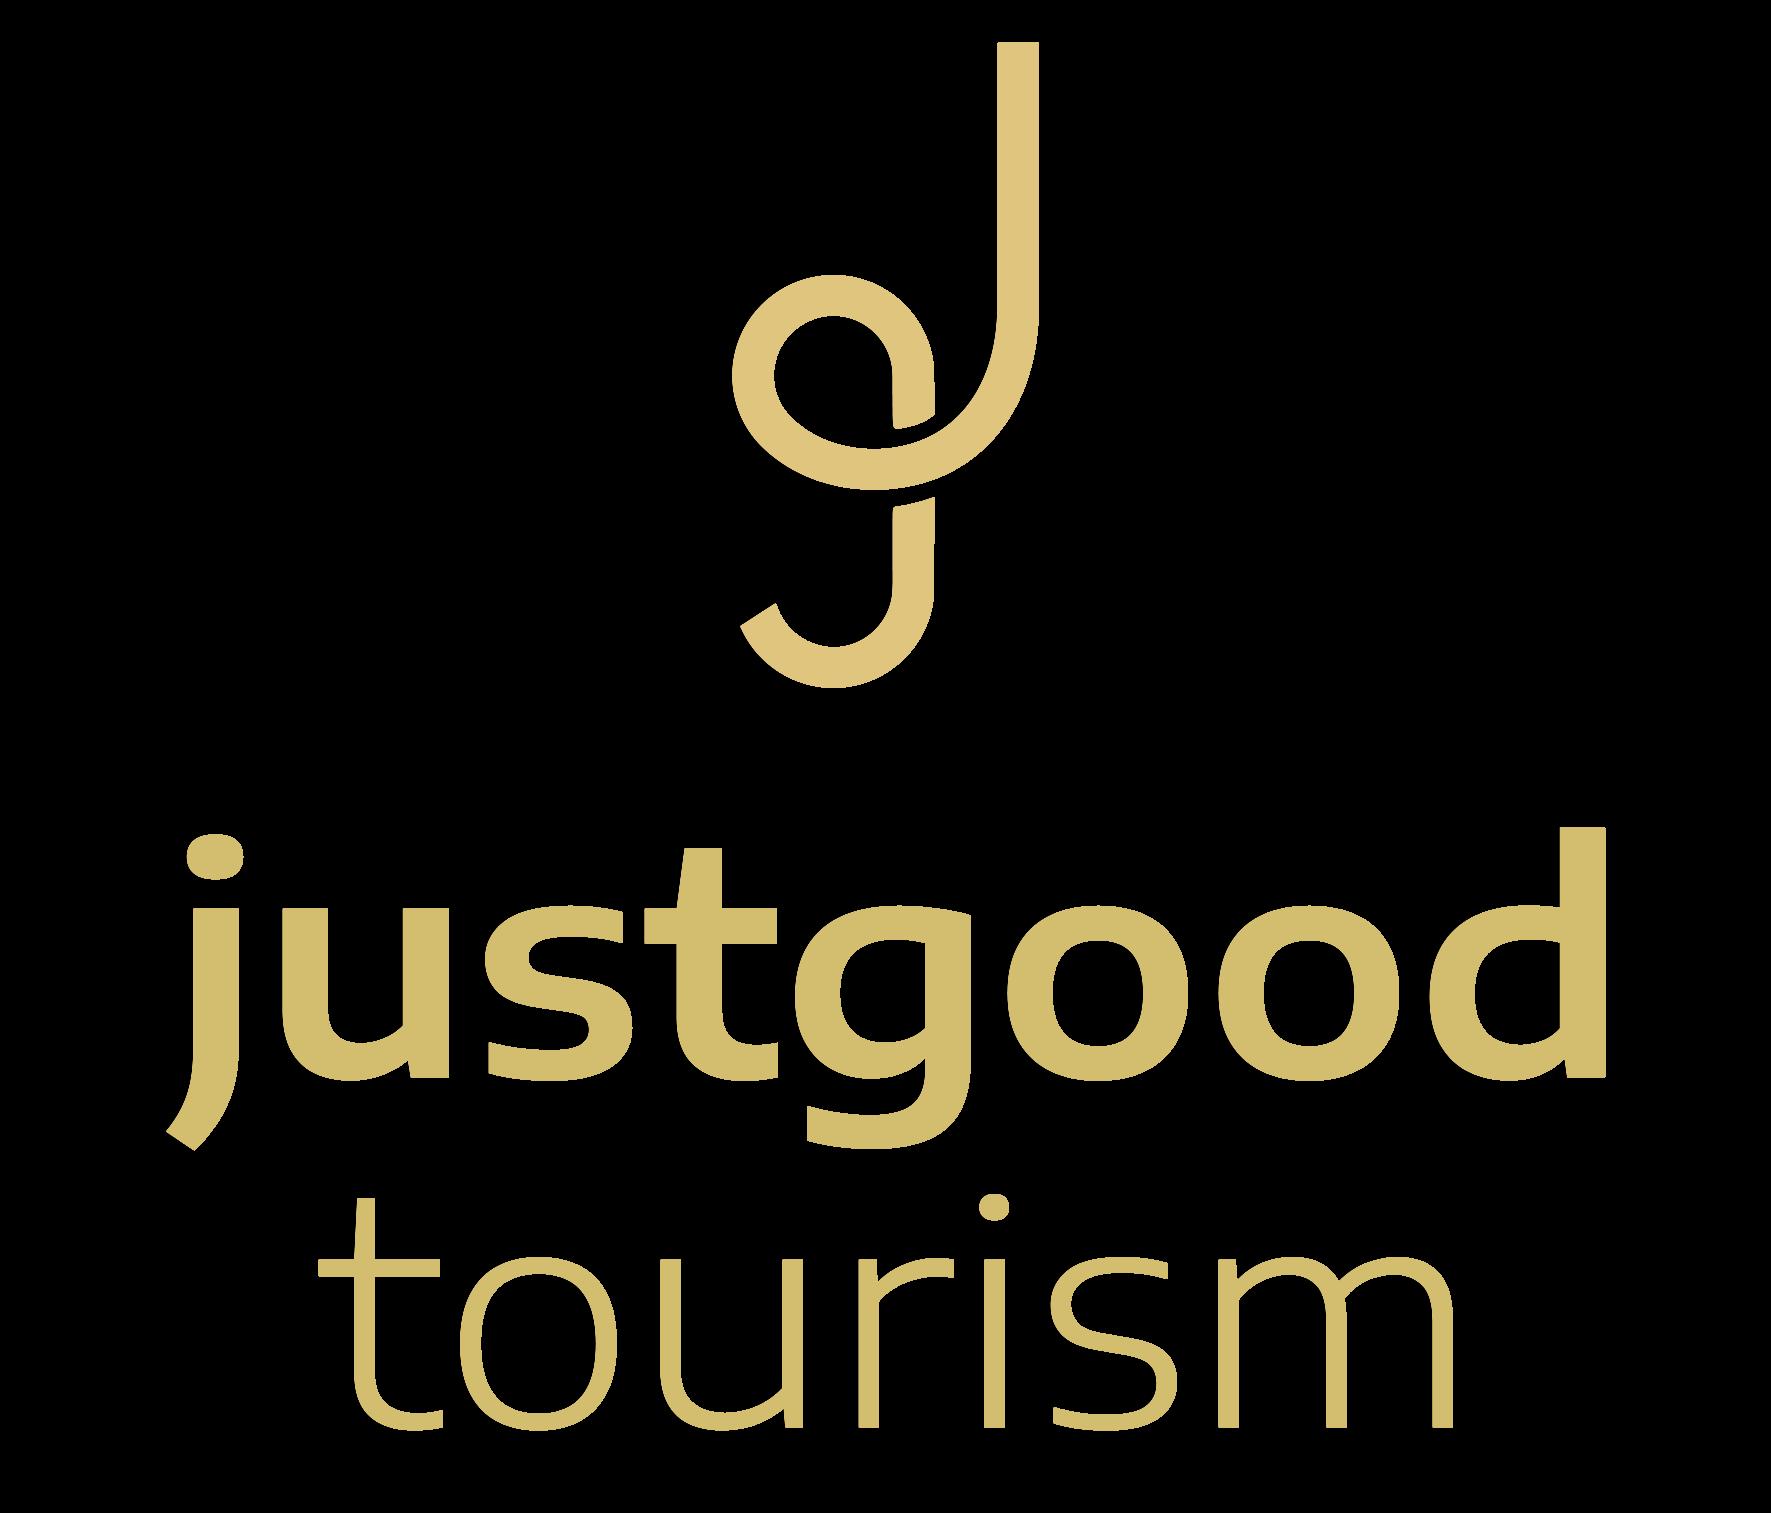 Just Good Tourism